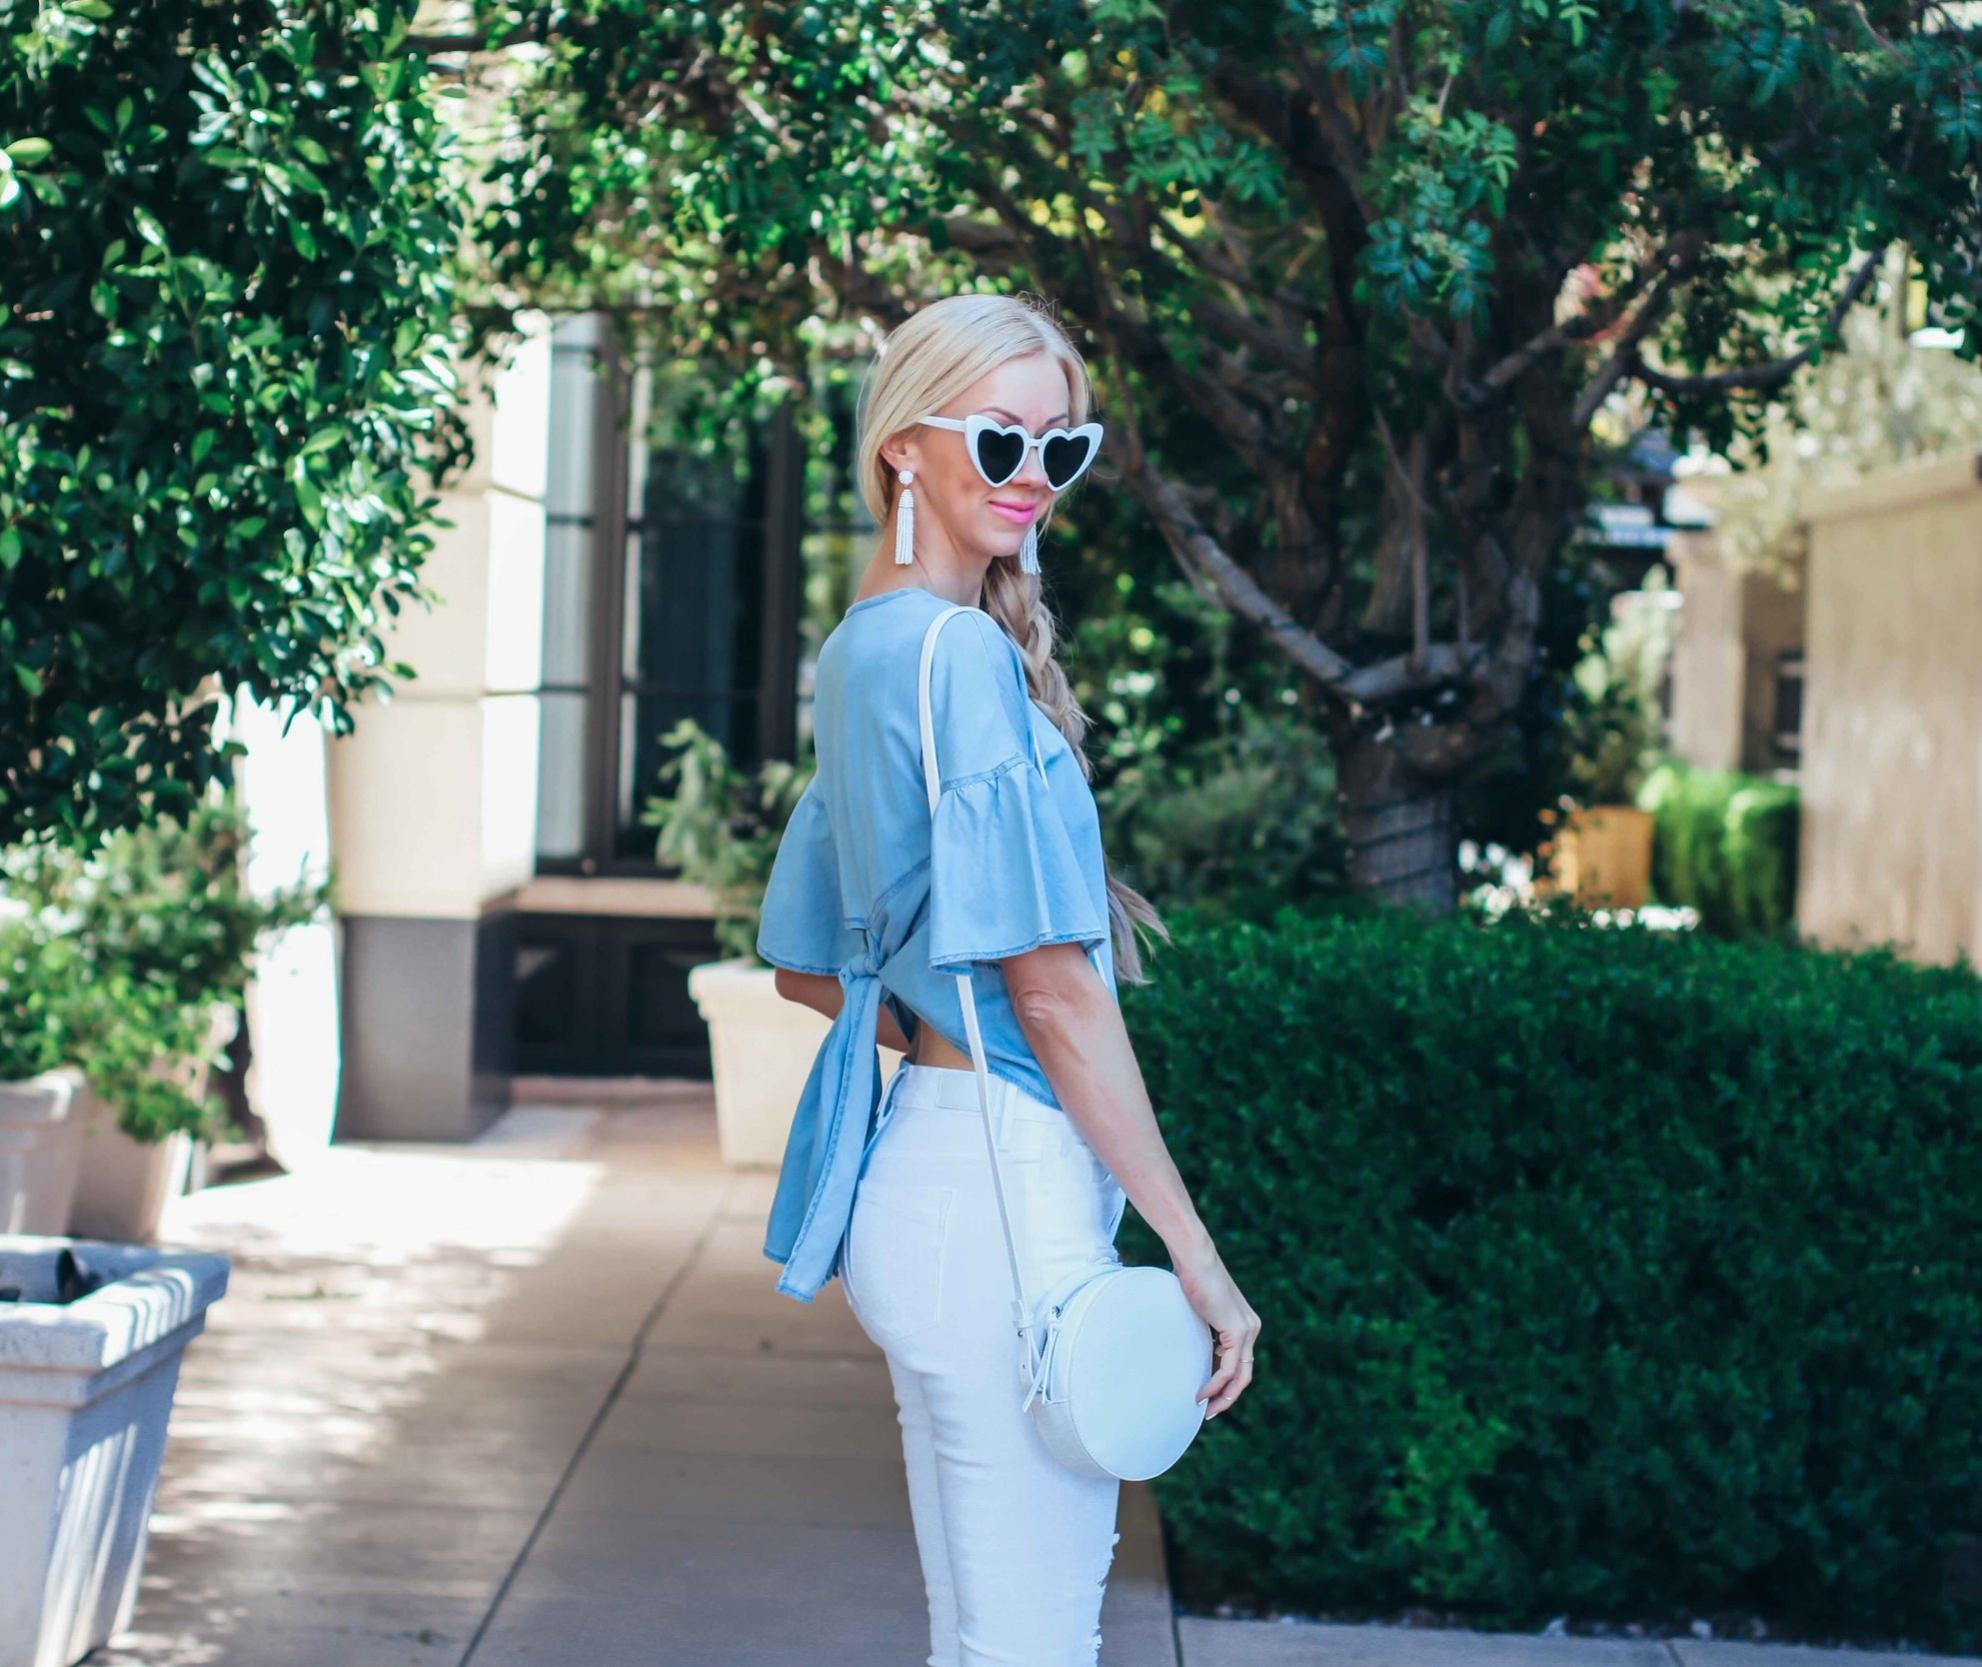 express-denim-tie-back-top-white-skinny-jeans-1.jpg